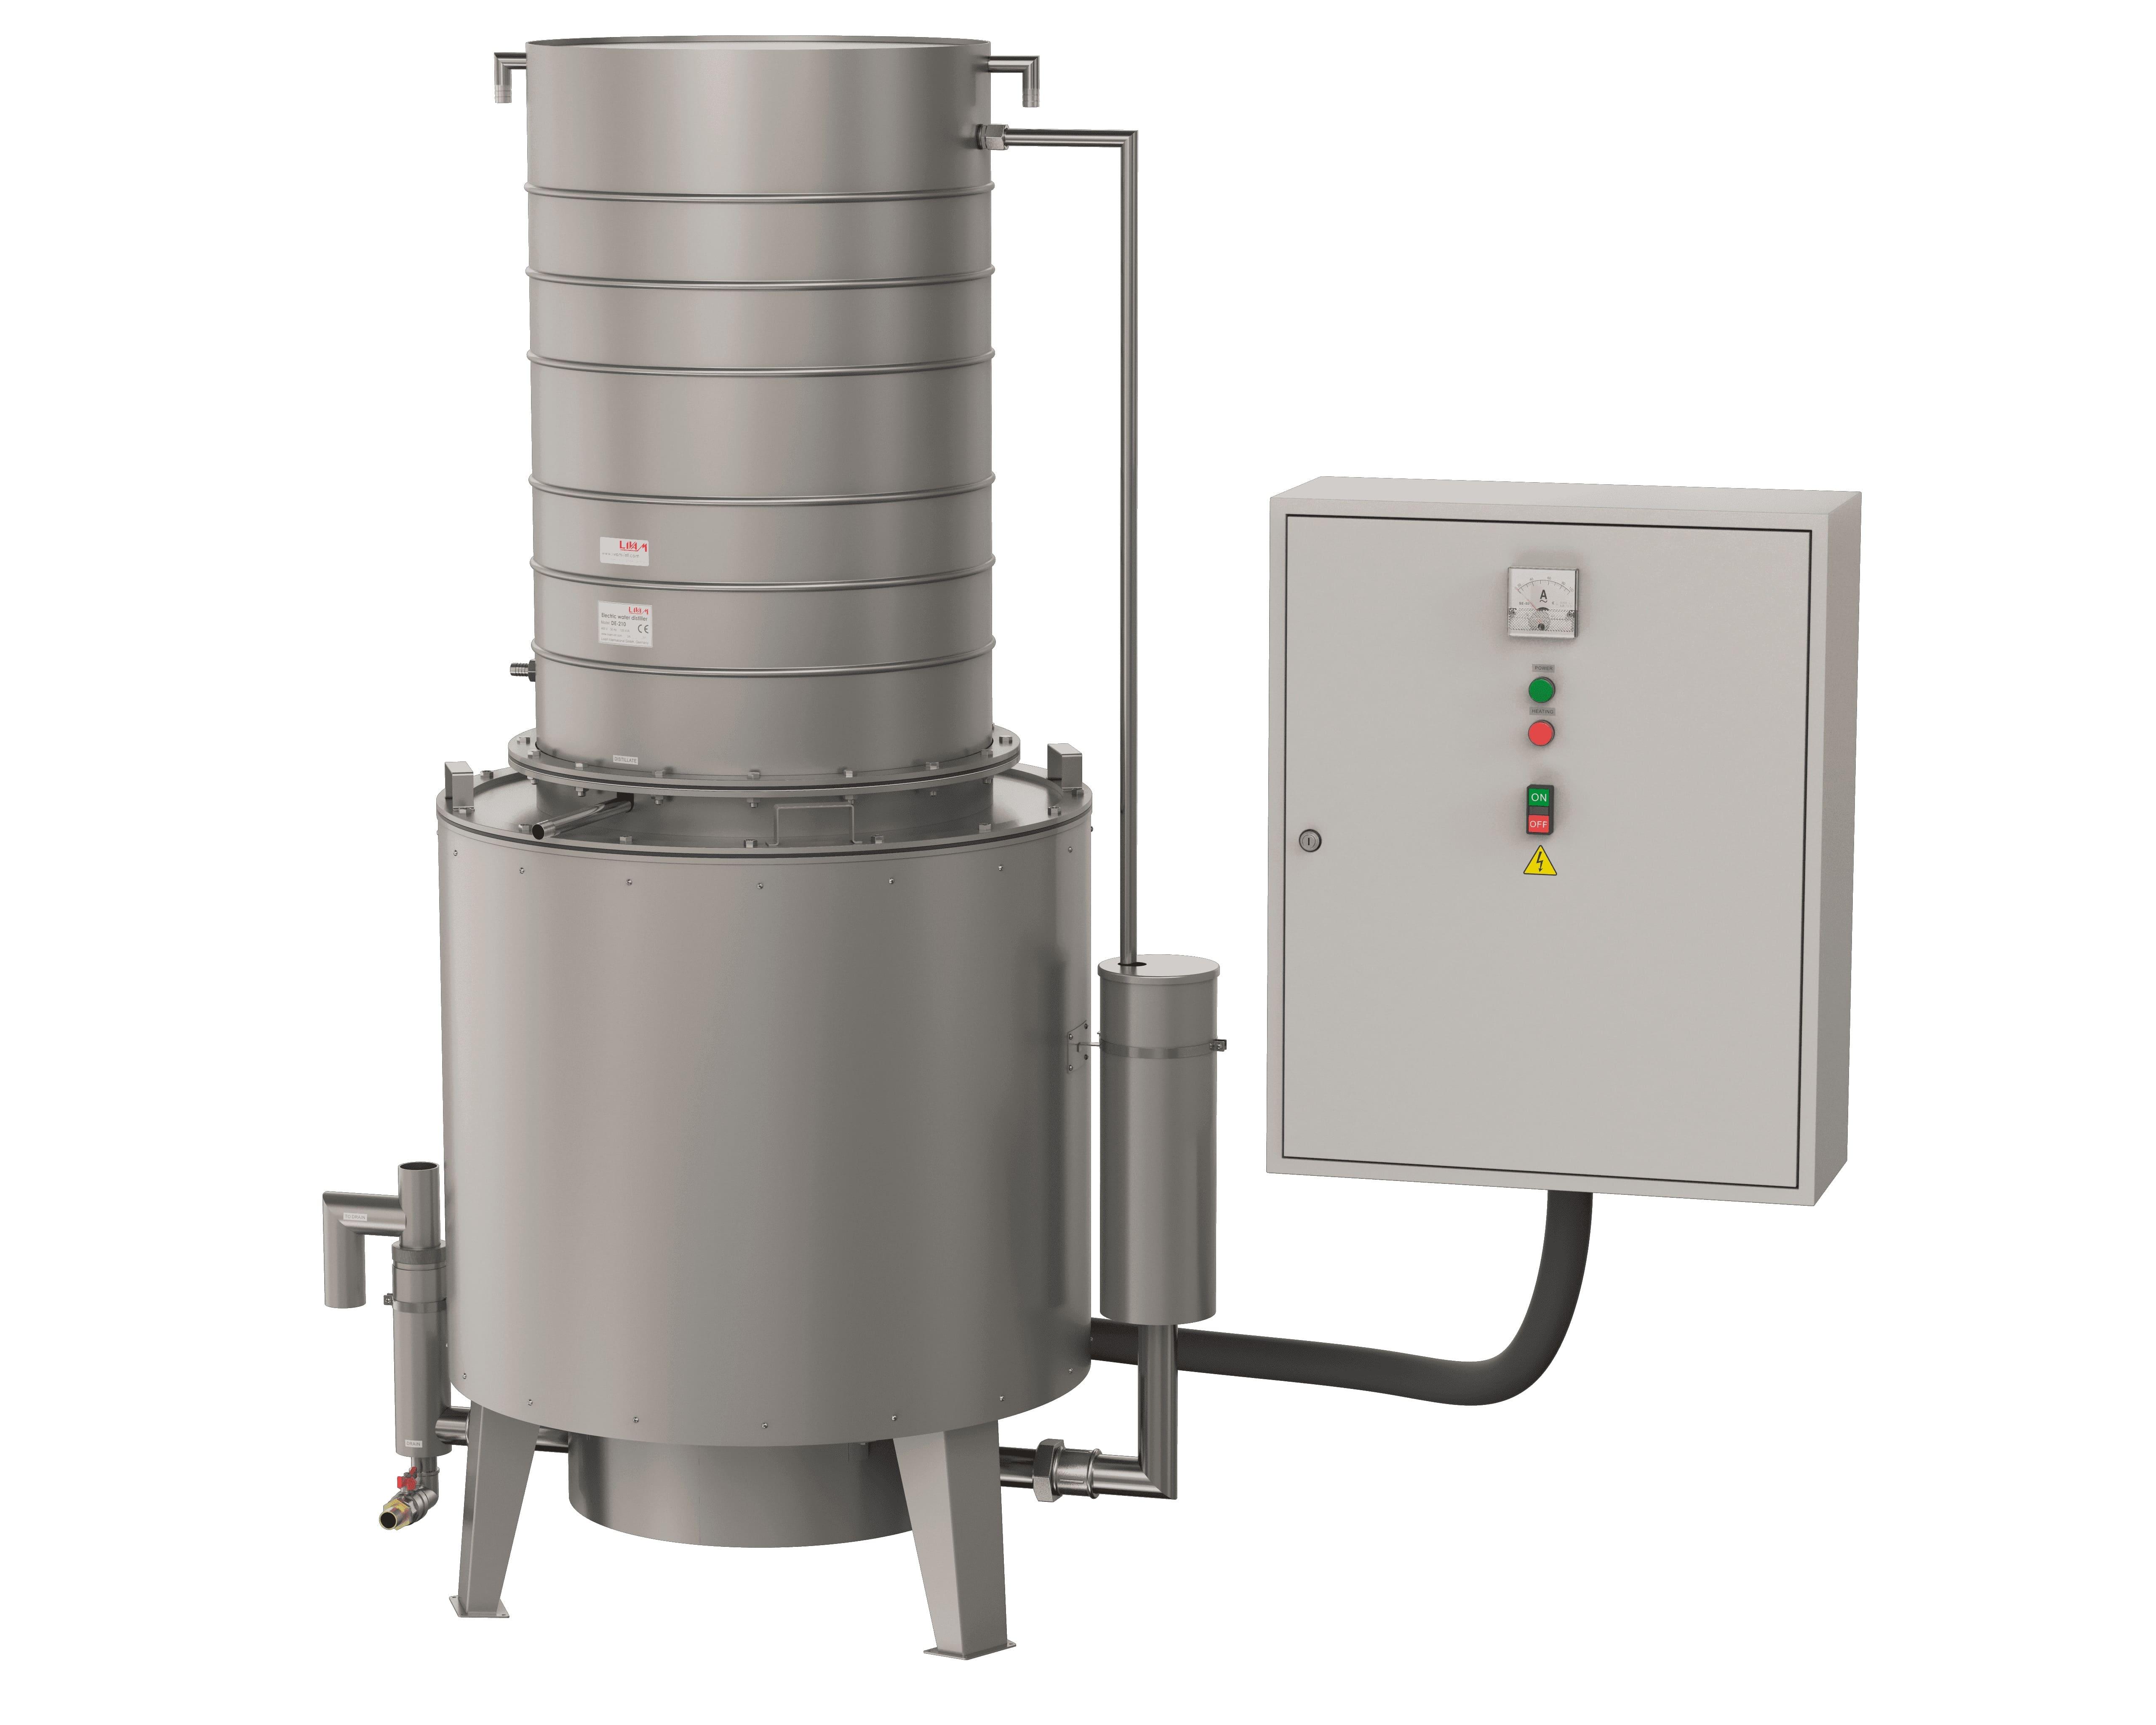 Livam DE-210 Distilled water machine